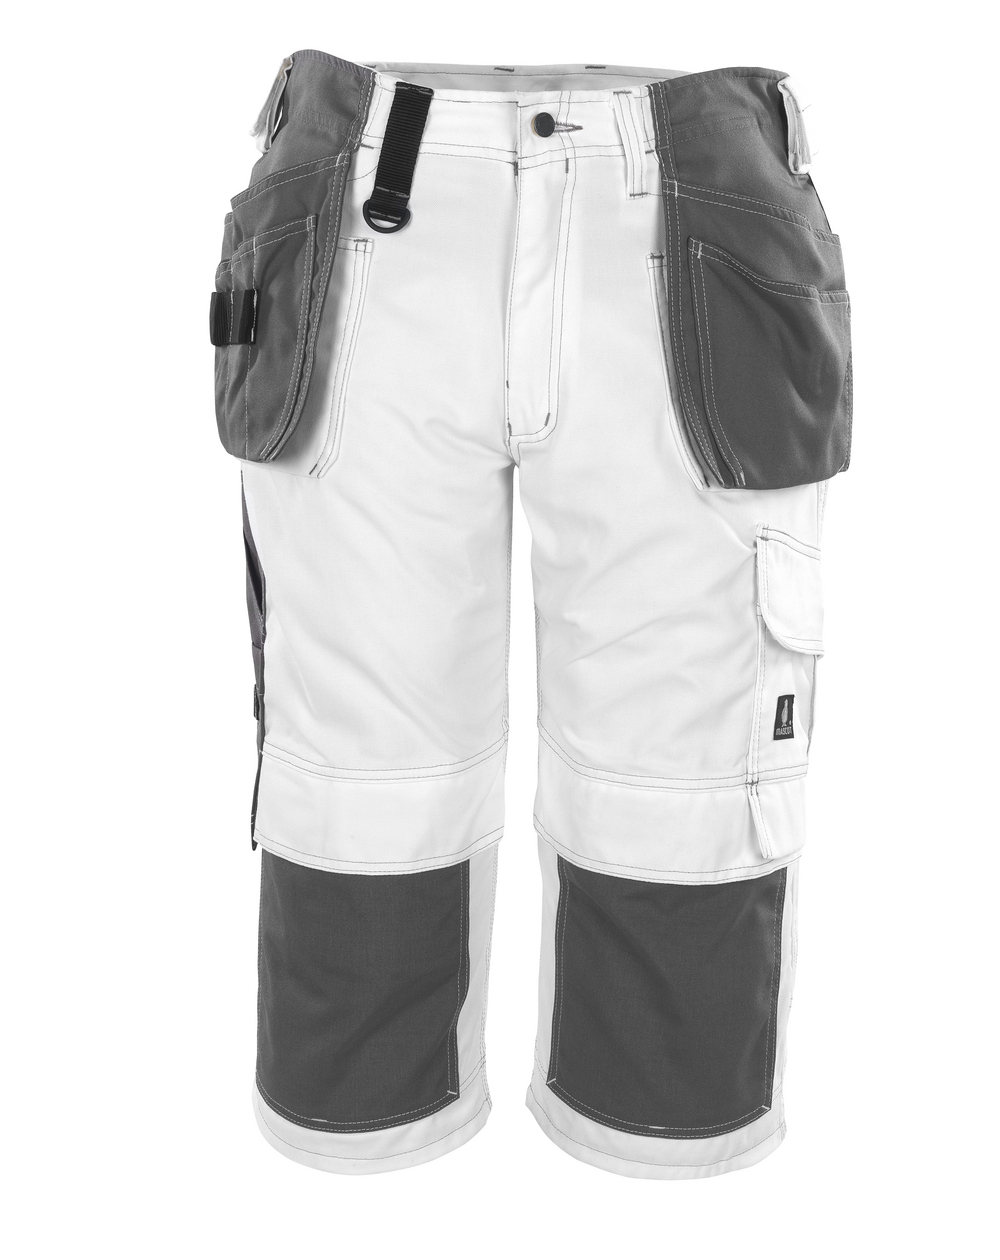 08349-154-06 Spodenki ¾ z kieszeniami na kolanach i kieszeniami wiszącymi - biel